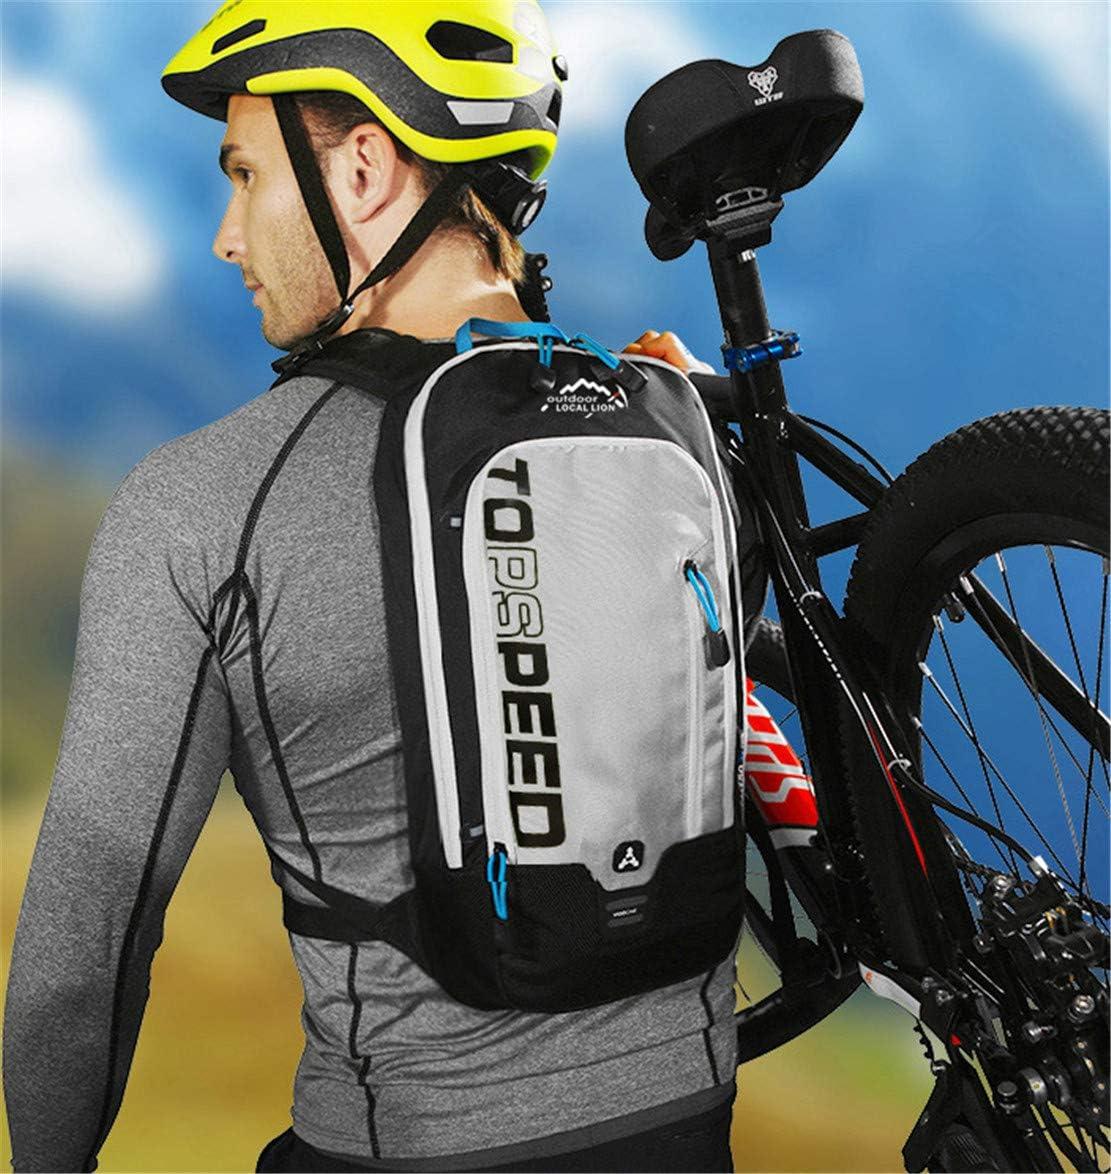 Janexi Hommes Multifonction Sacs /à Dos V/élo Loisirs Outdoor Sacs de Trekking Femmes Sac /à Dos de Sport Portatif Sac pour Cyclisme 8 litres